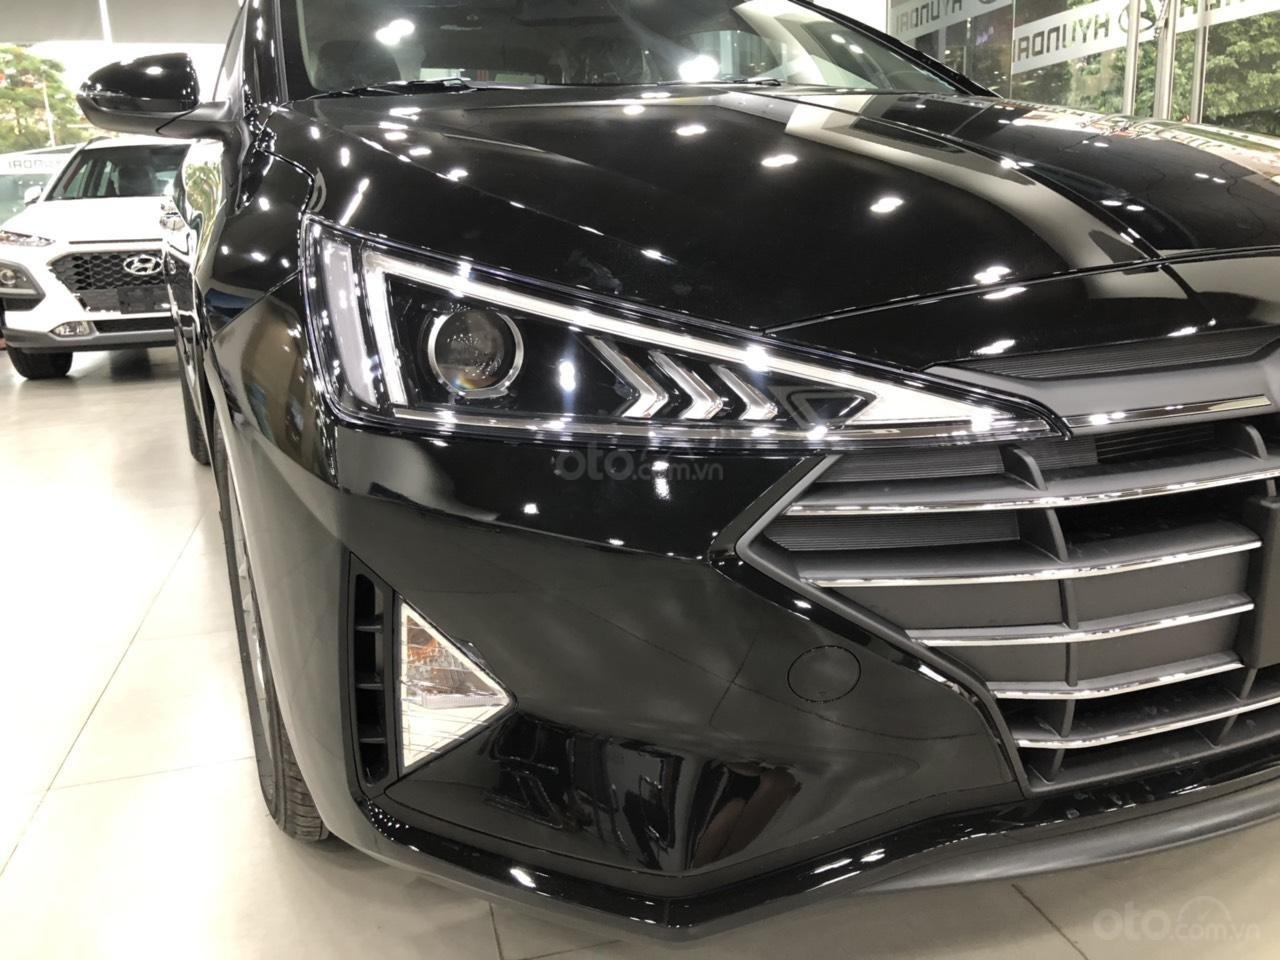 Hyundai Elantra 1.6 AT Facelift new 2019 - KM lên tới 20 triệu - giao ngay - Ms Lan 0919929923 (4)